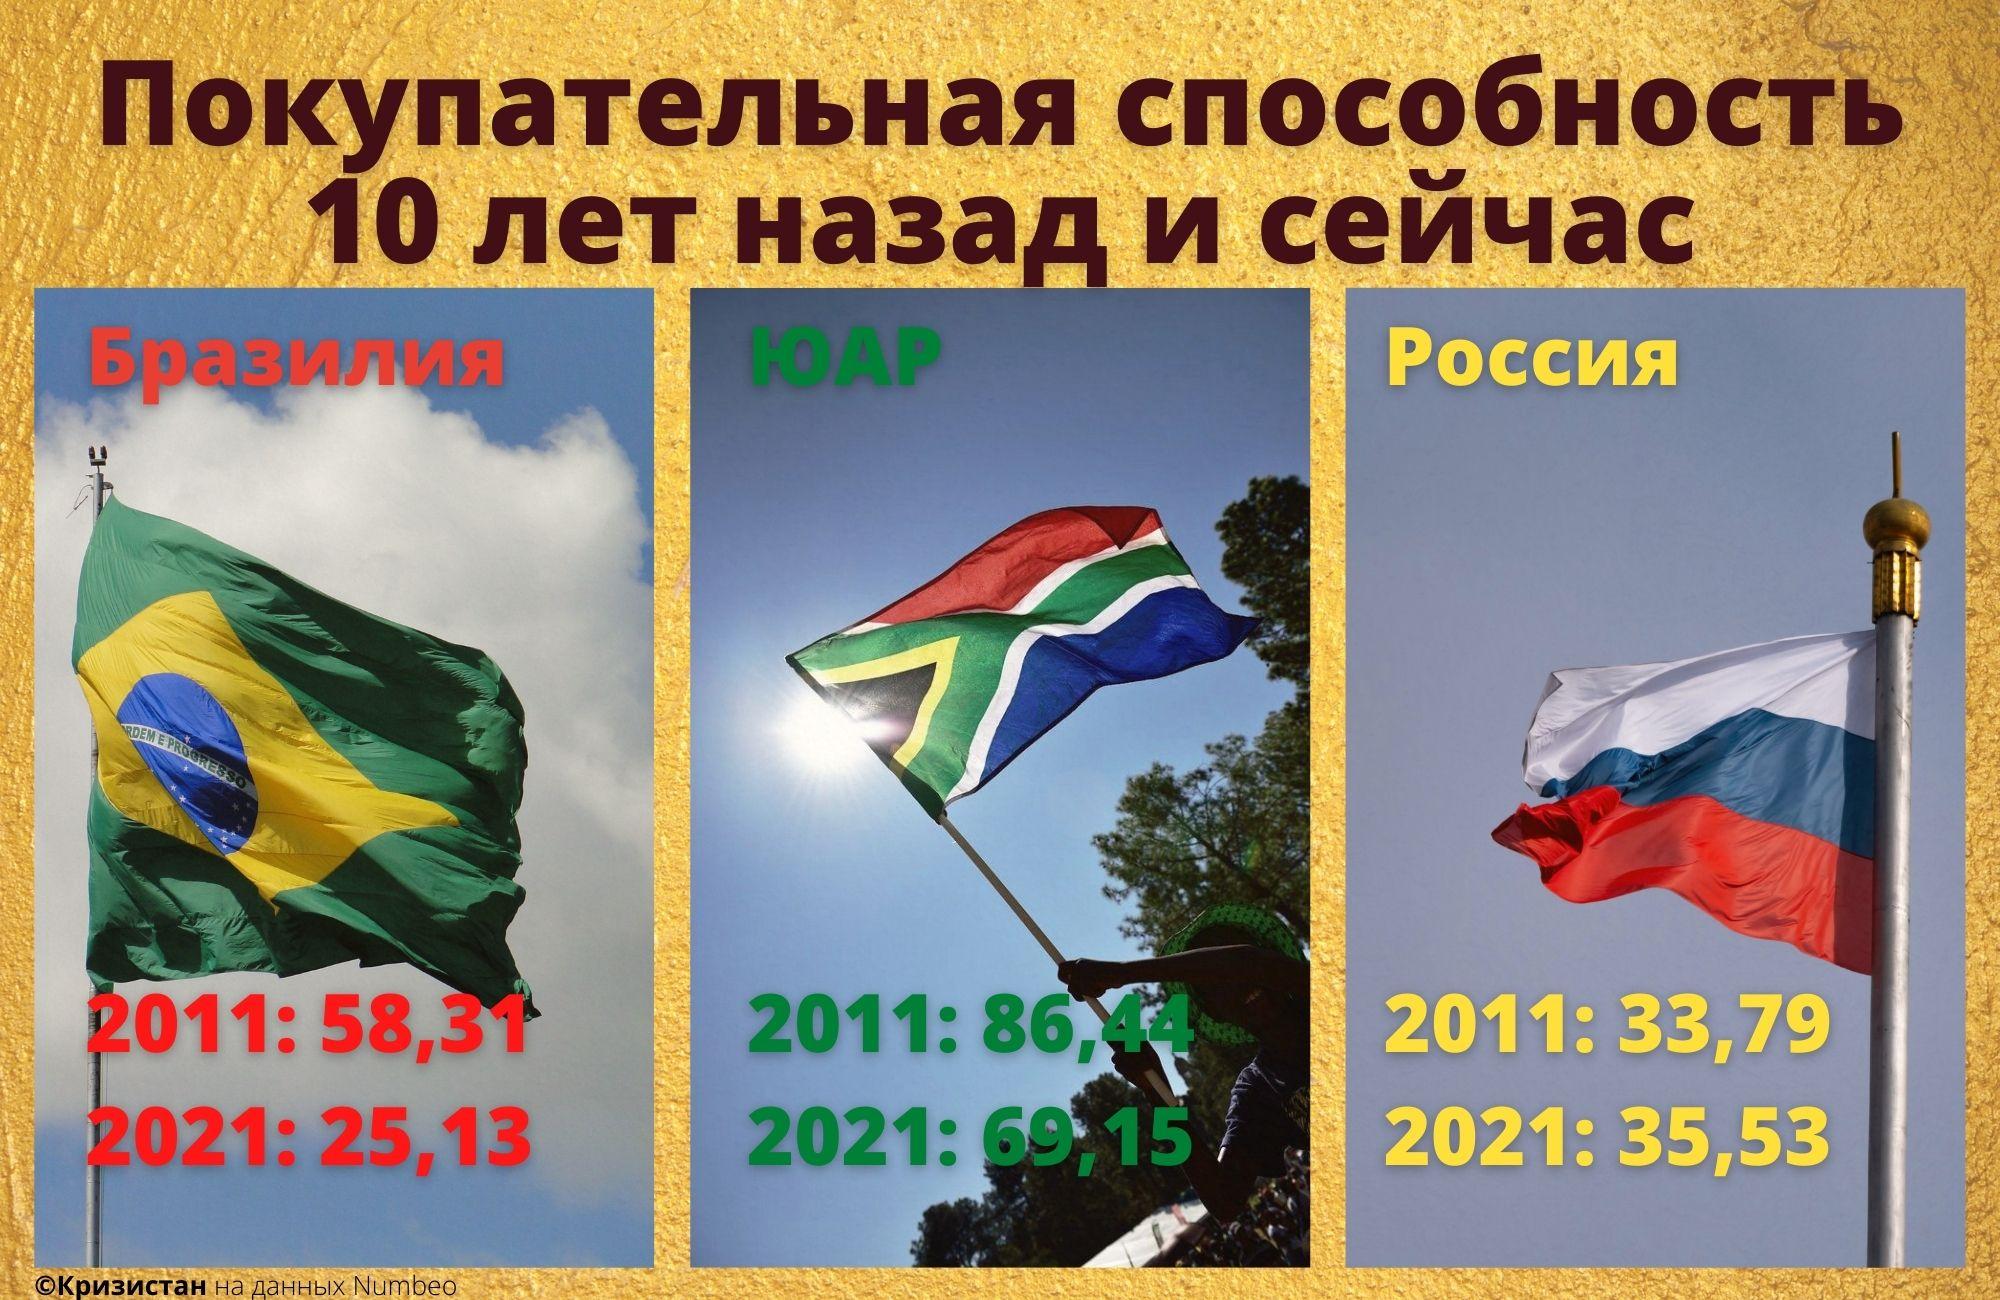 Покупательная способность населения в ЮАР, РФ и Бразилии 2011-2021 год